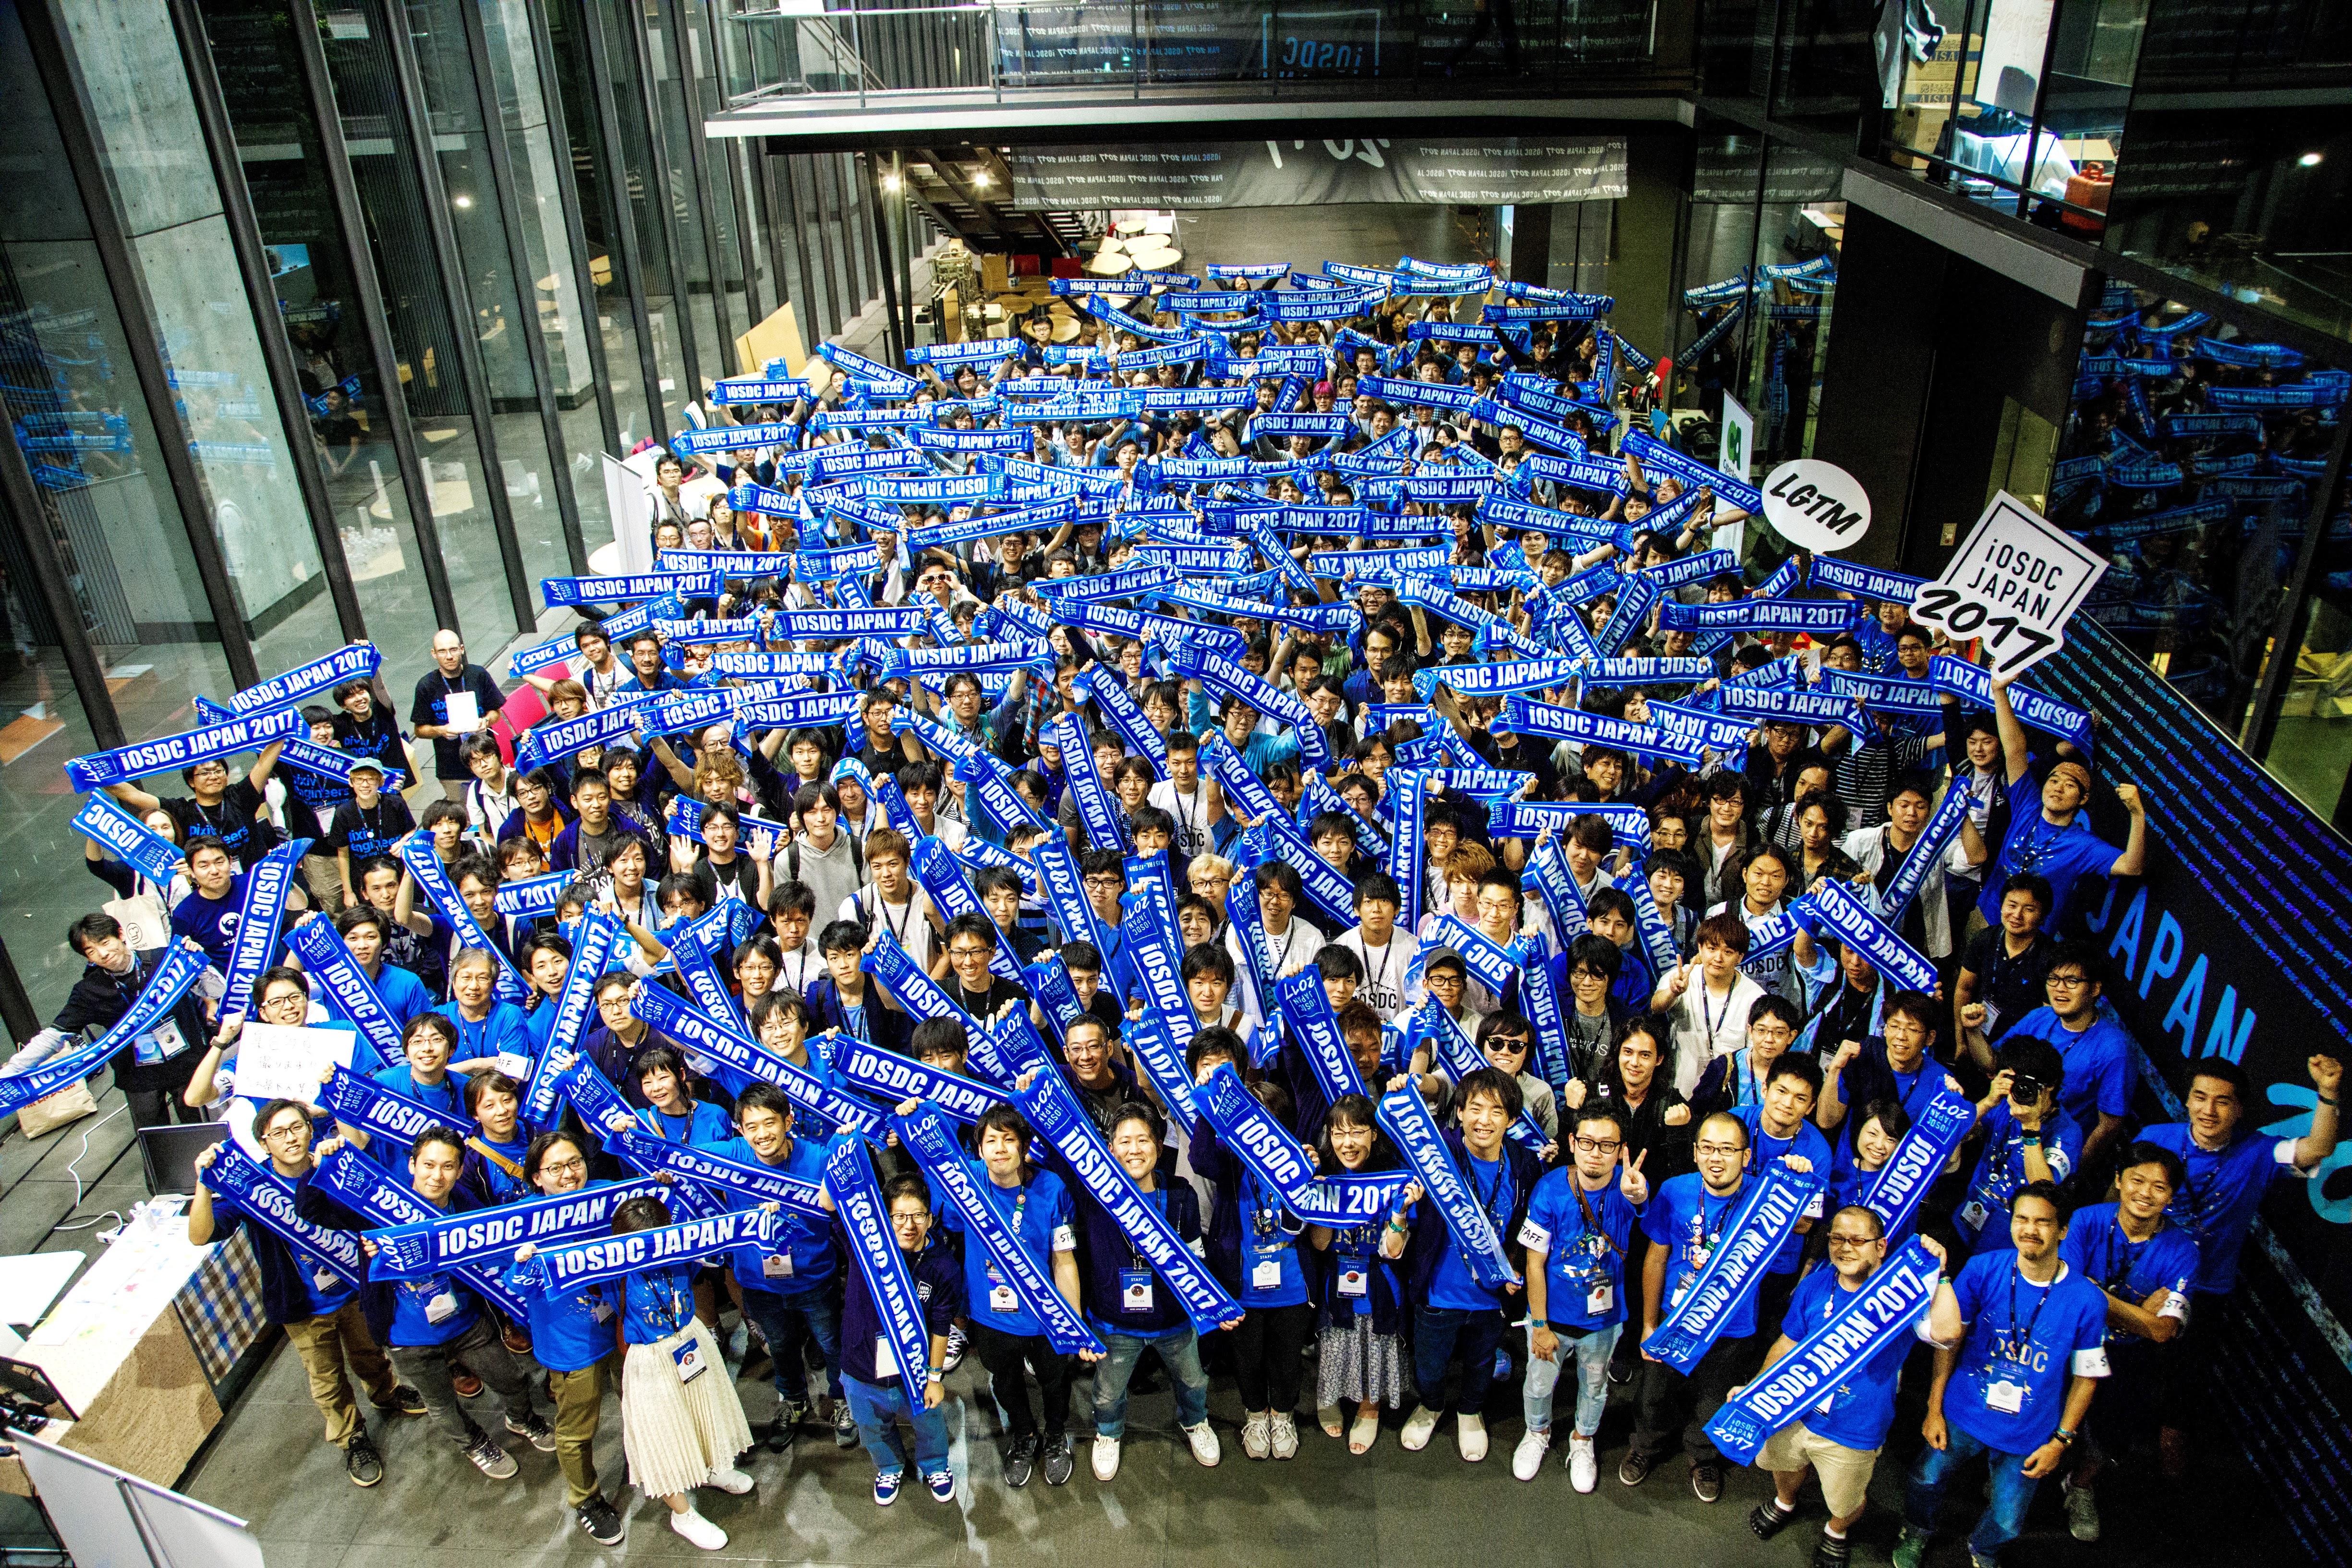 iOSDC Japan 2017